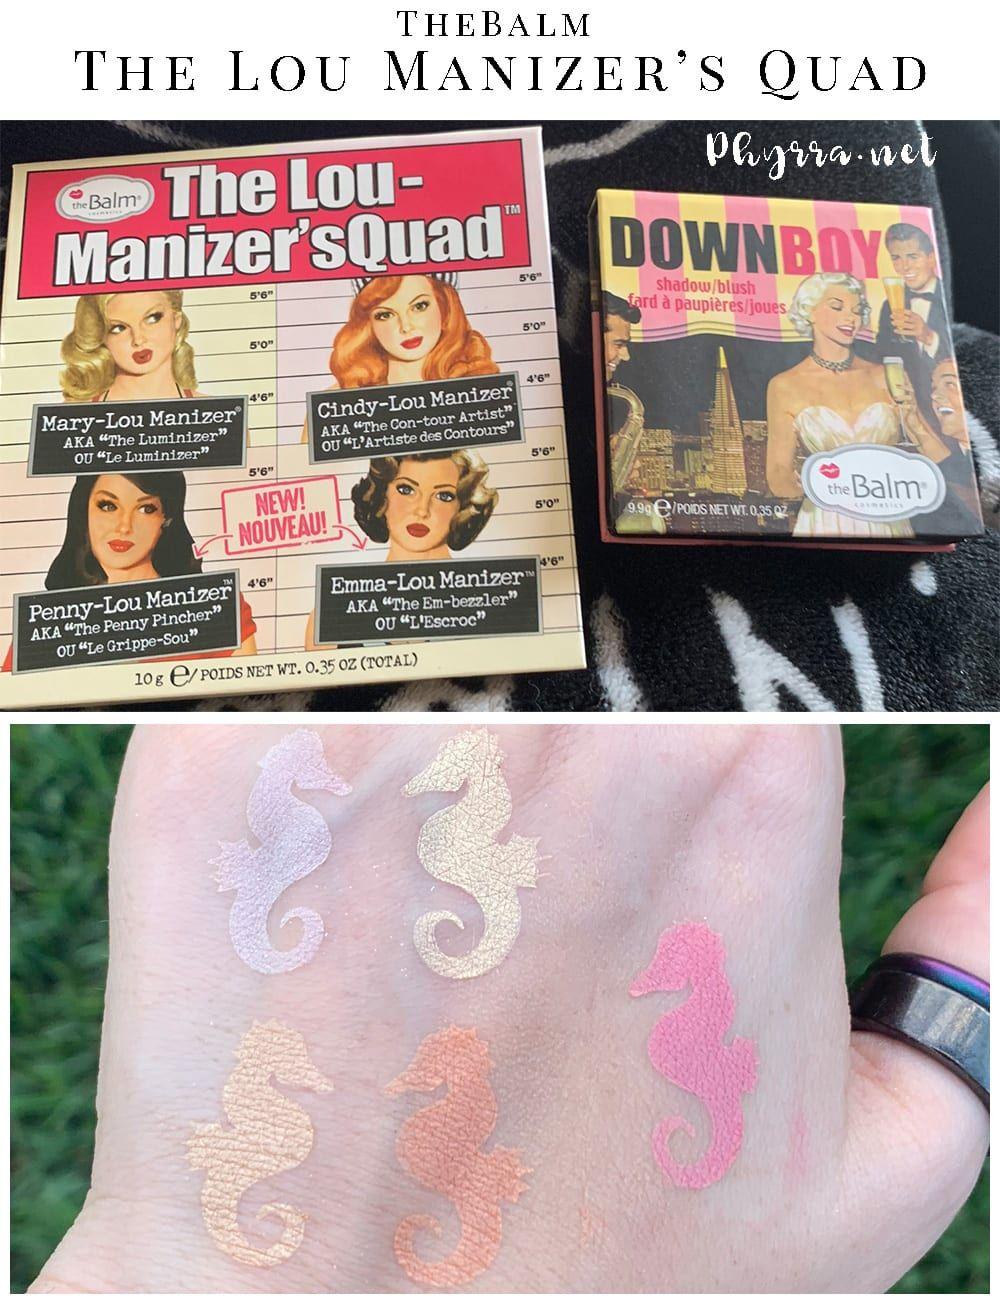 TheBalm The Lou Manizer's Quad